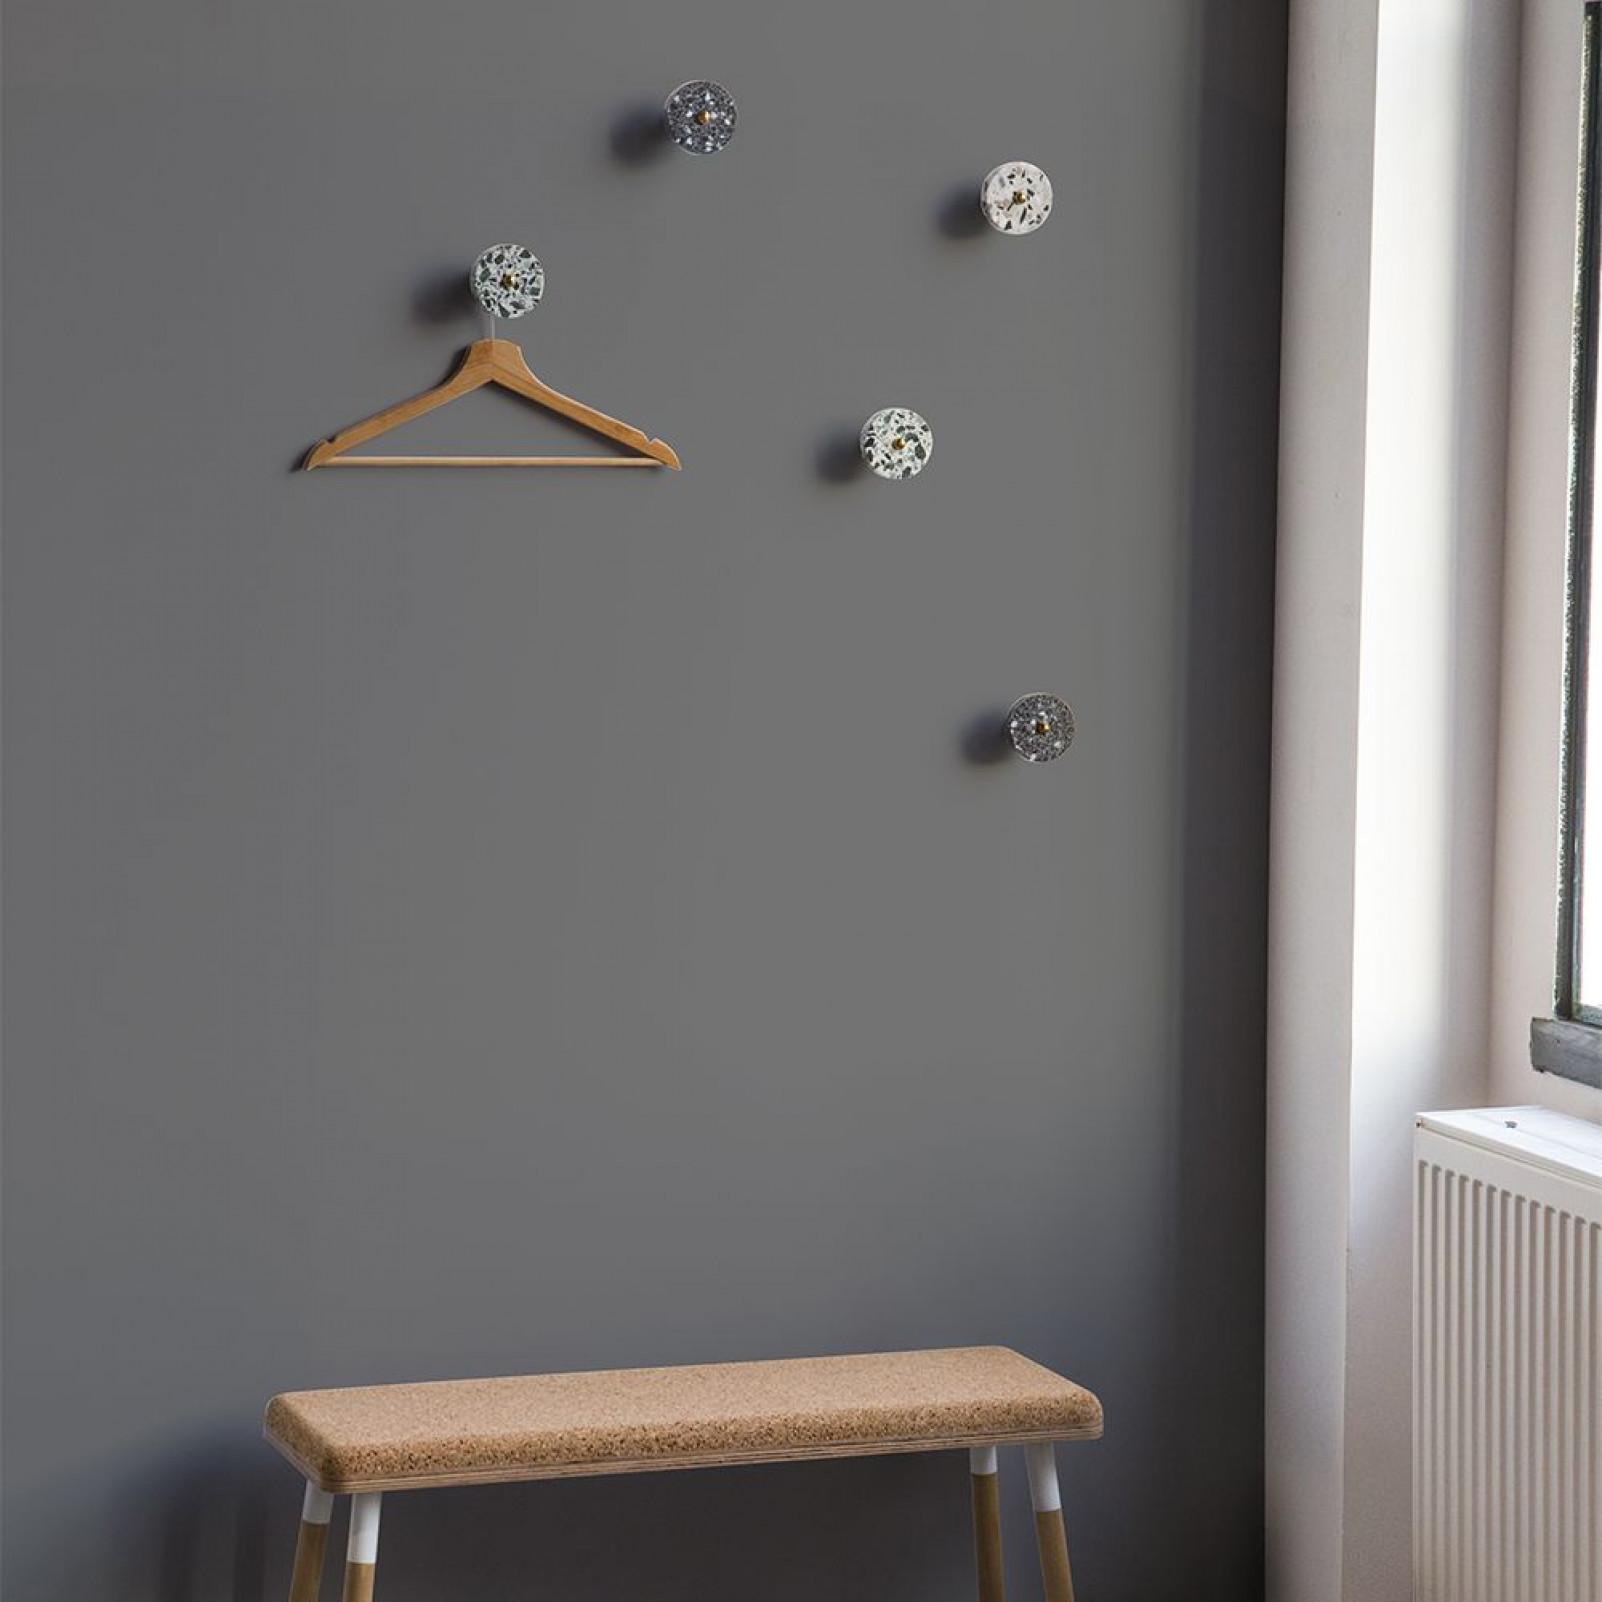 Garderobenständer Cereall-Haken | Weiß & Nussbaumholz